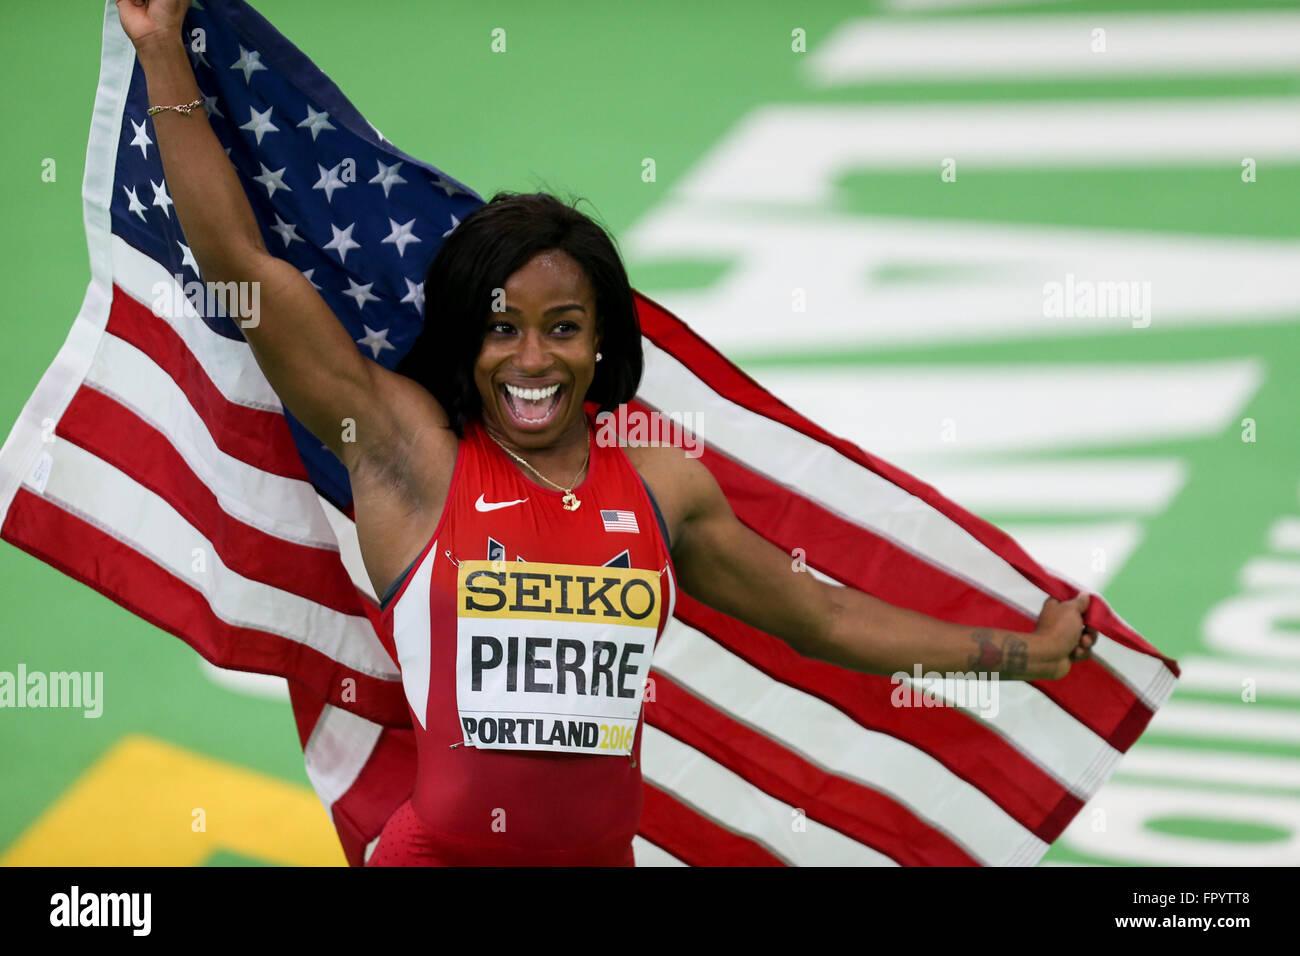 Marzo 19, 2016 - BARBARA PIERRE celebra ganar la final de 60m en el 2016 IAAF World Indoor campeonatos de pista Imagen De Stock